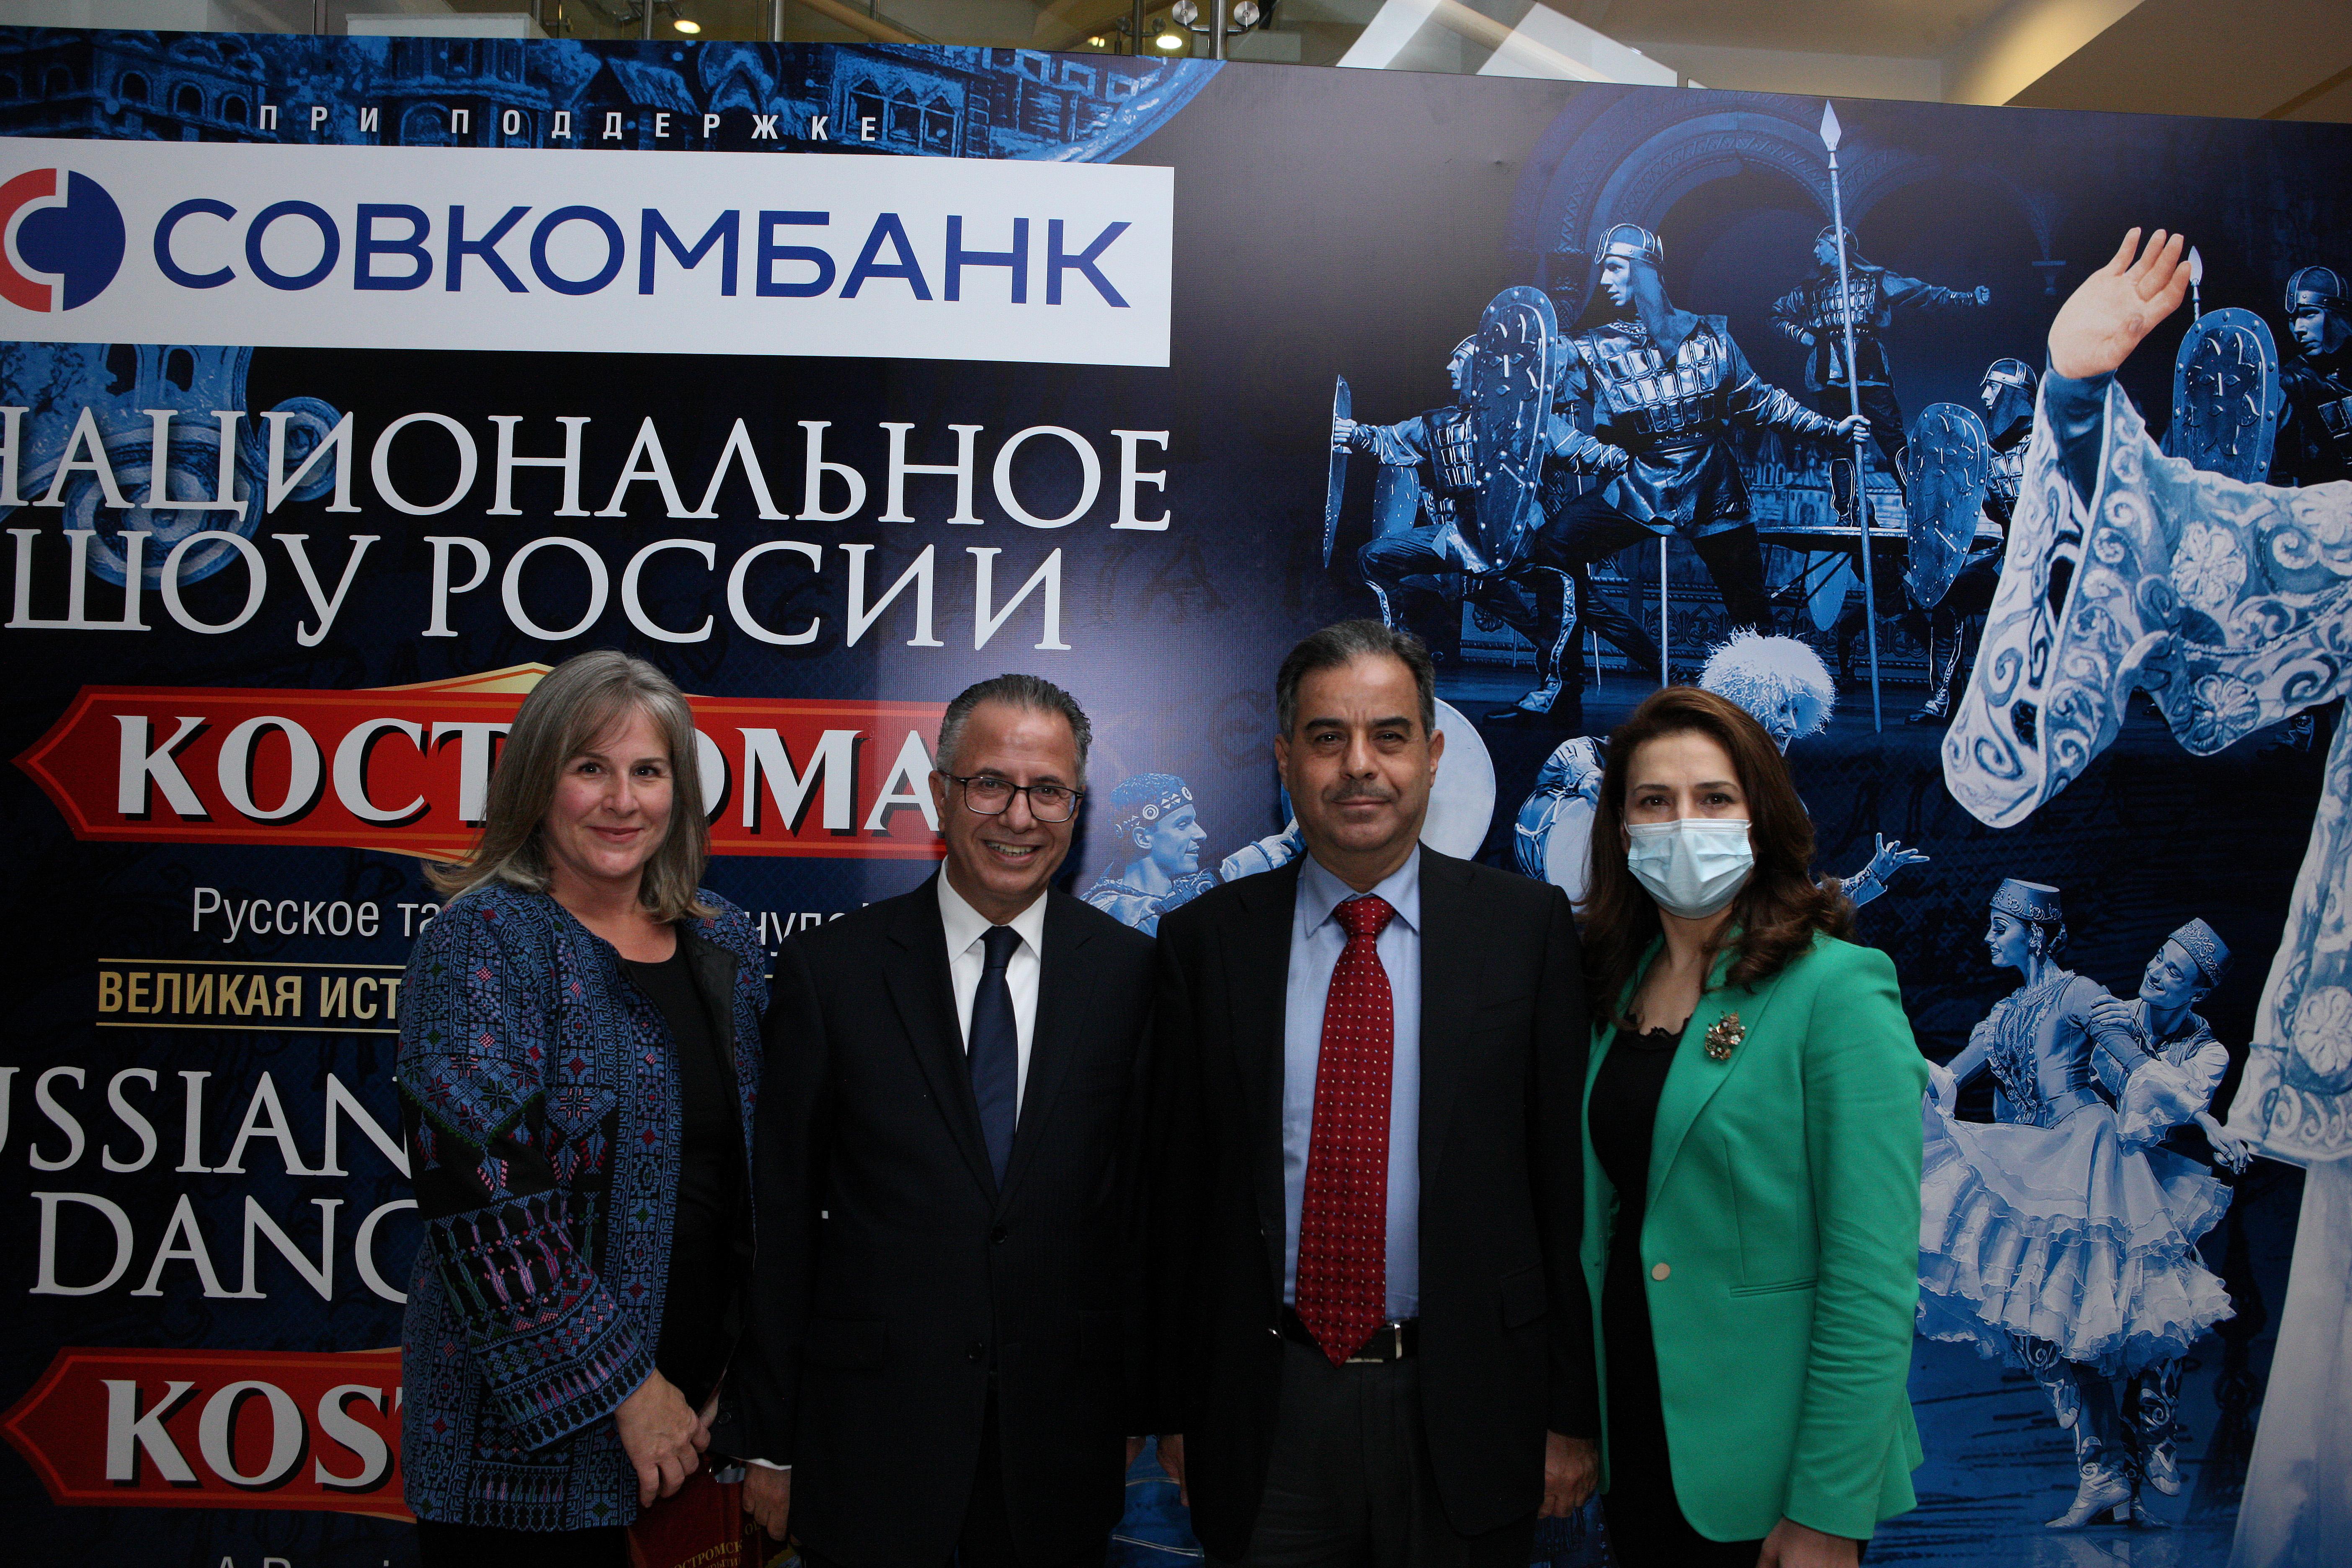 В Москве состоялось закрытие XVI сезона международного летнего проекта «Национальное шоу России «Кострома»